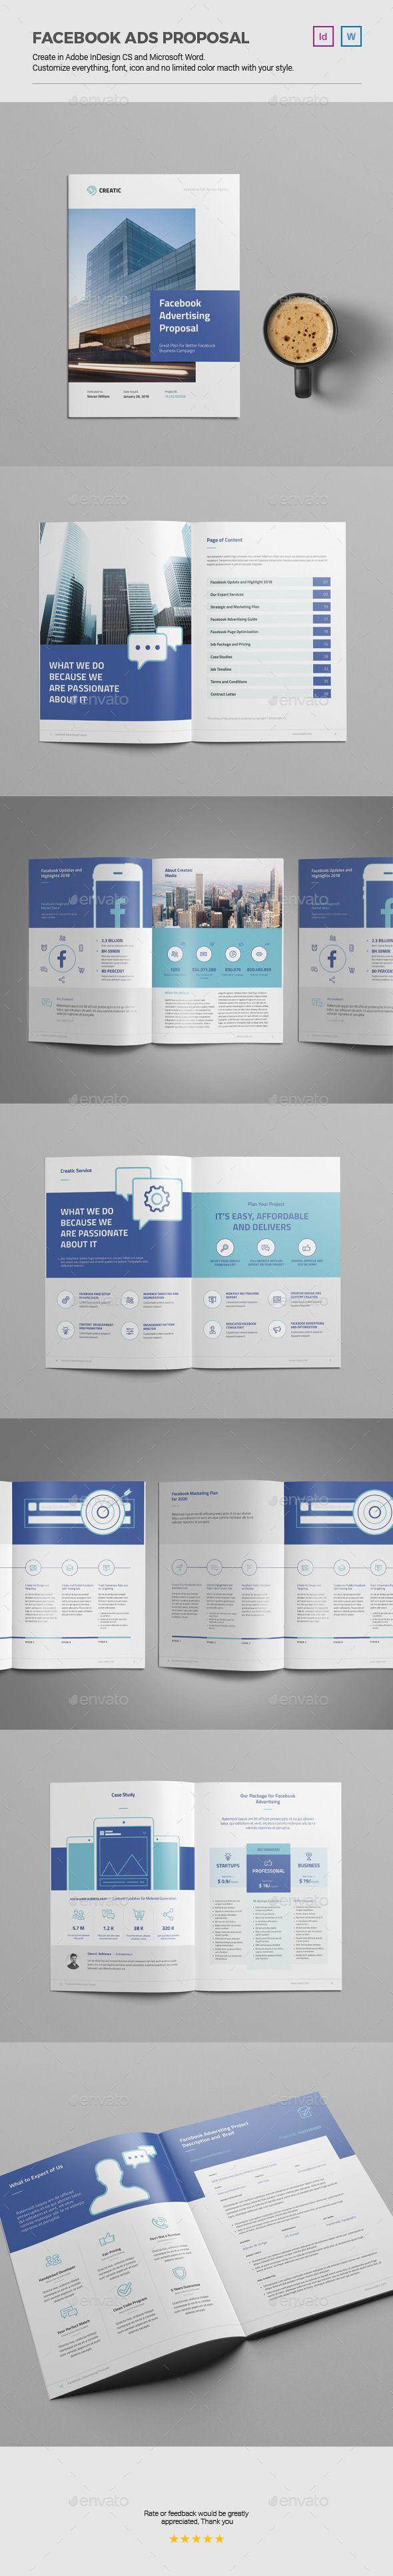 Facebook Advertising Proposal u2014 presentation us letter